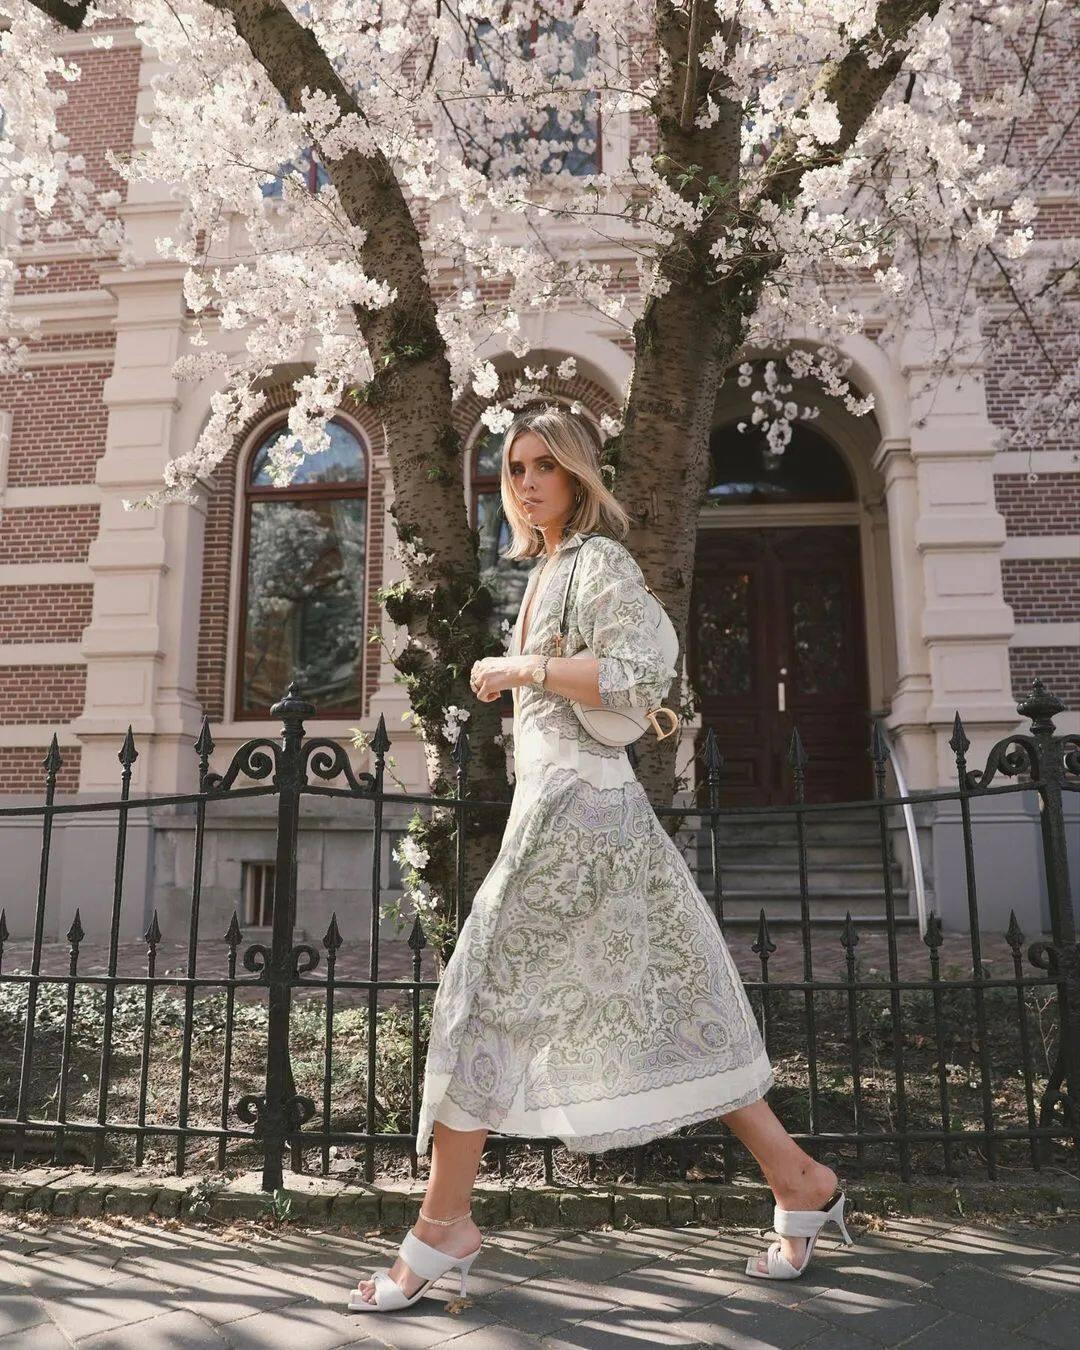 满大街的花裙子,这样穿比别人更美48